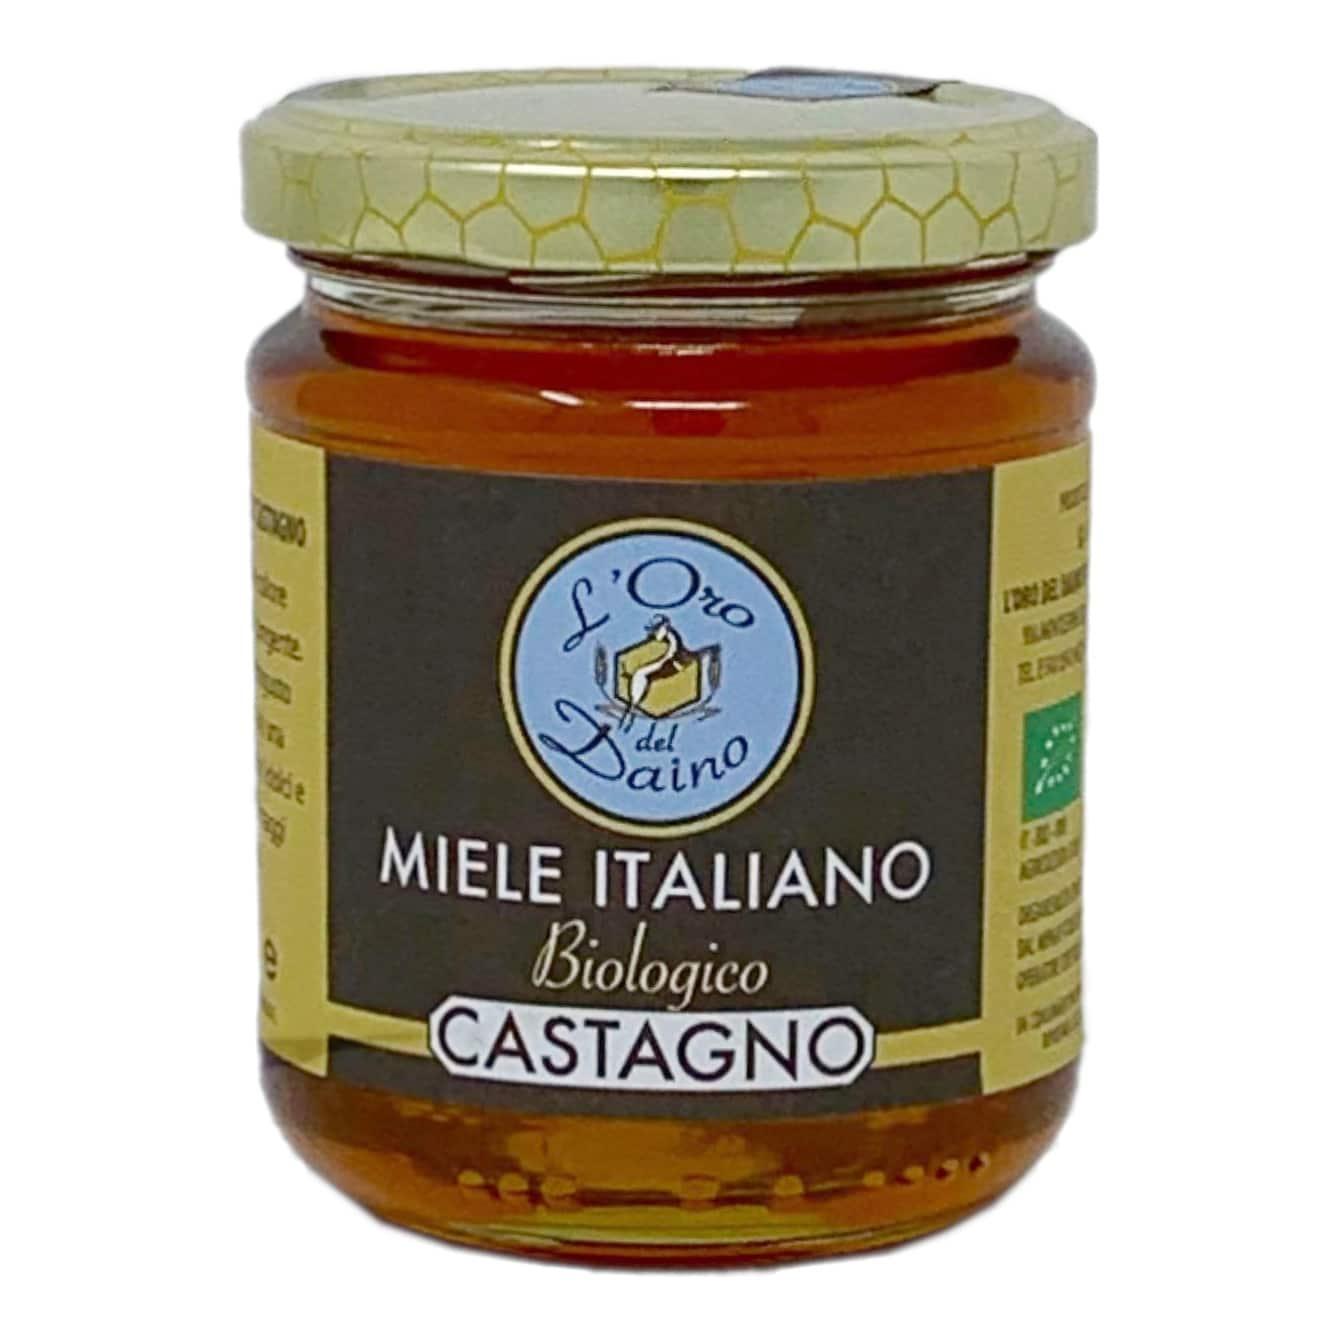 MIELE DI CASTAGNO BIO 250GR L'Oro Del Daino